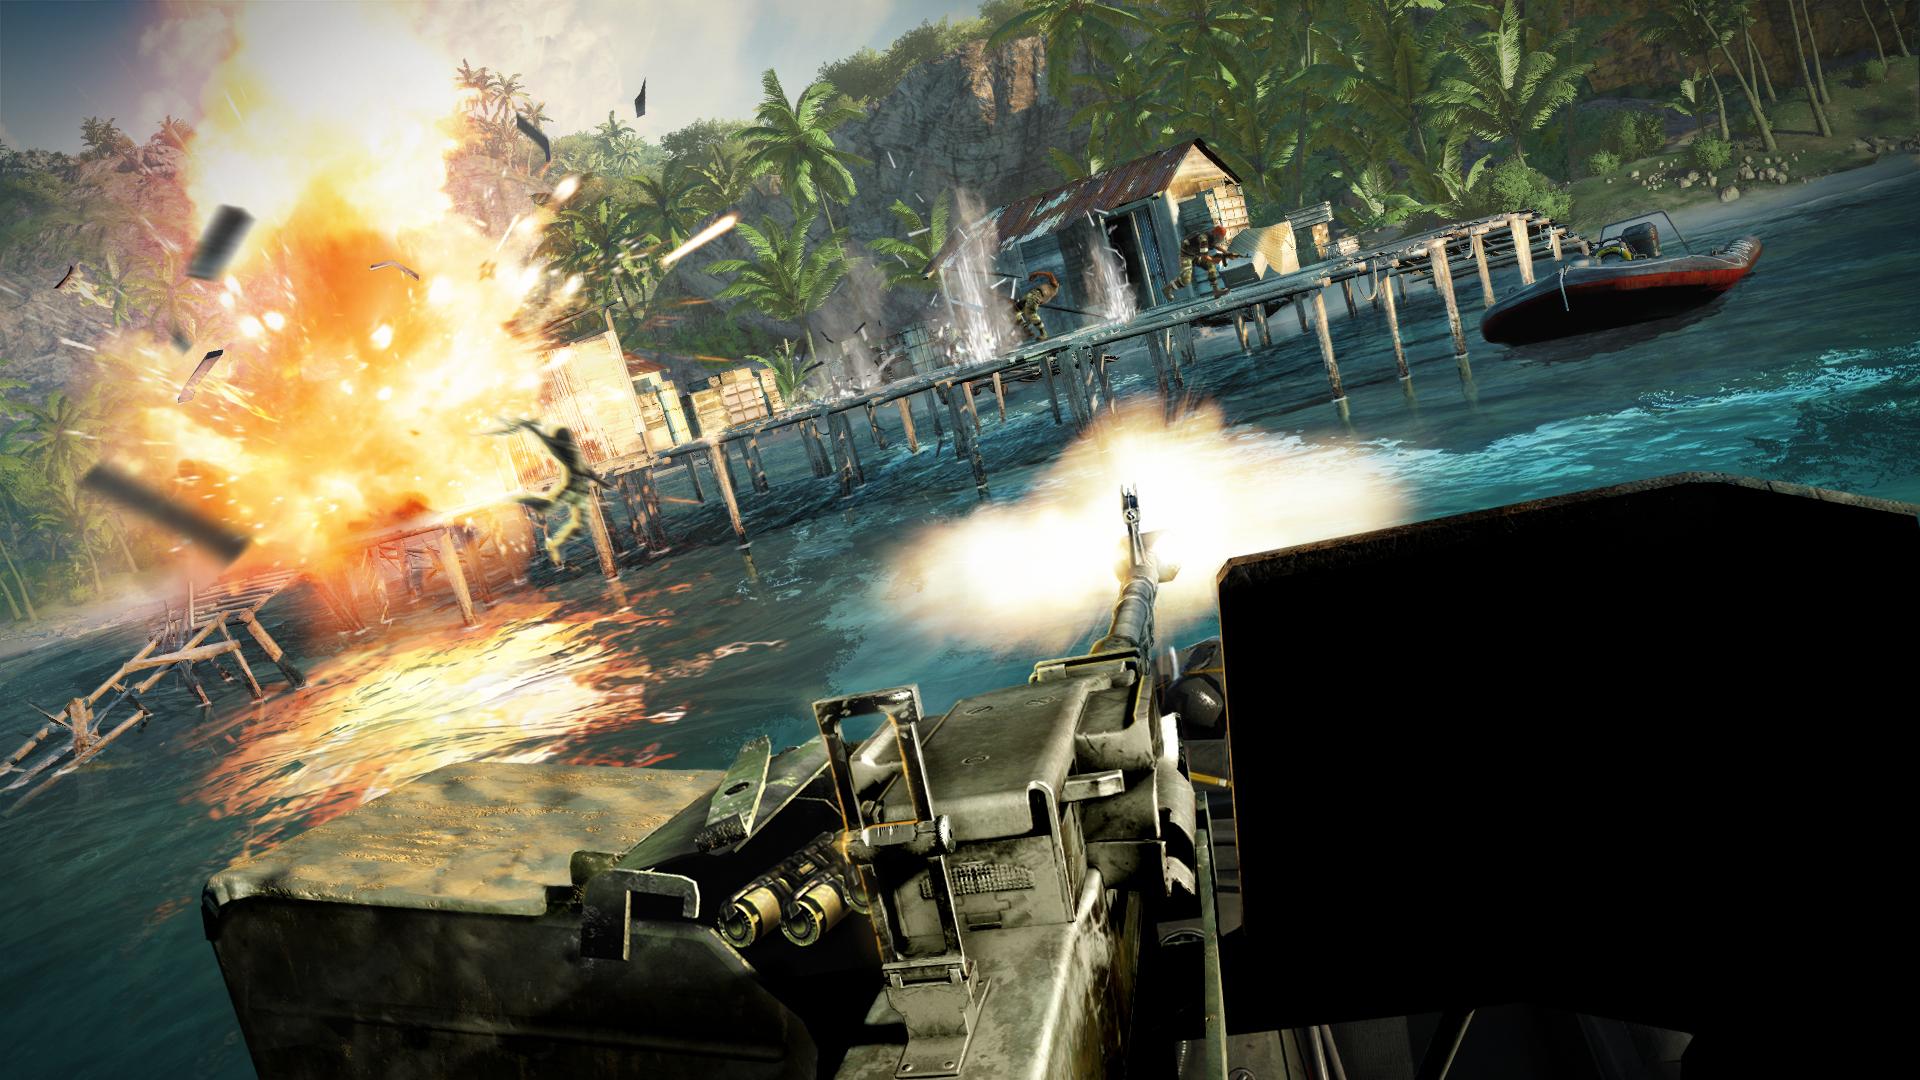 Nuevo trailer de Far Cry 3 nos muestra deportes extremos, fauna salvaje y vehículos [Vídeo]